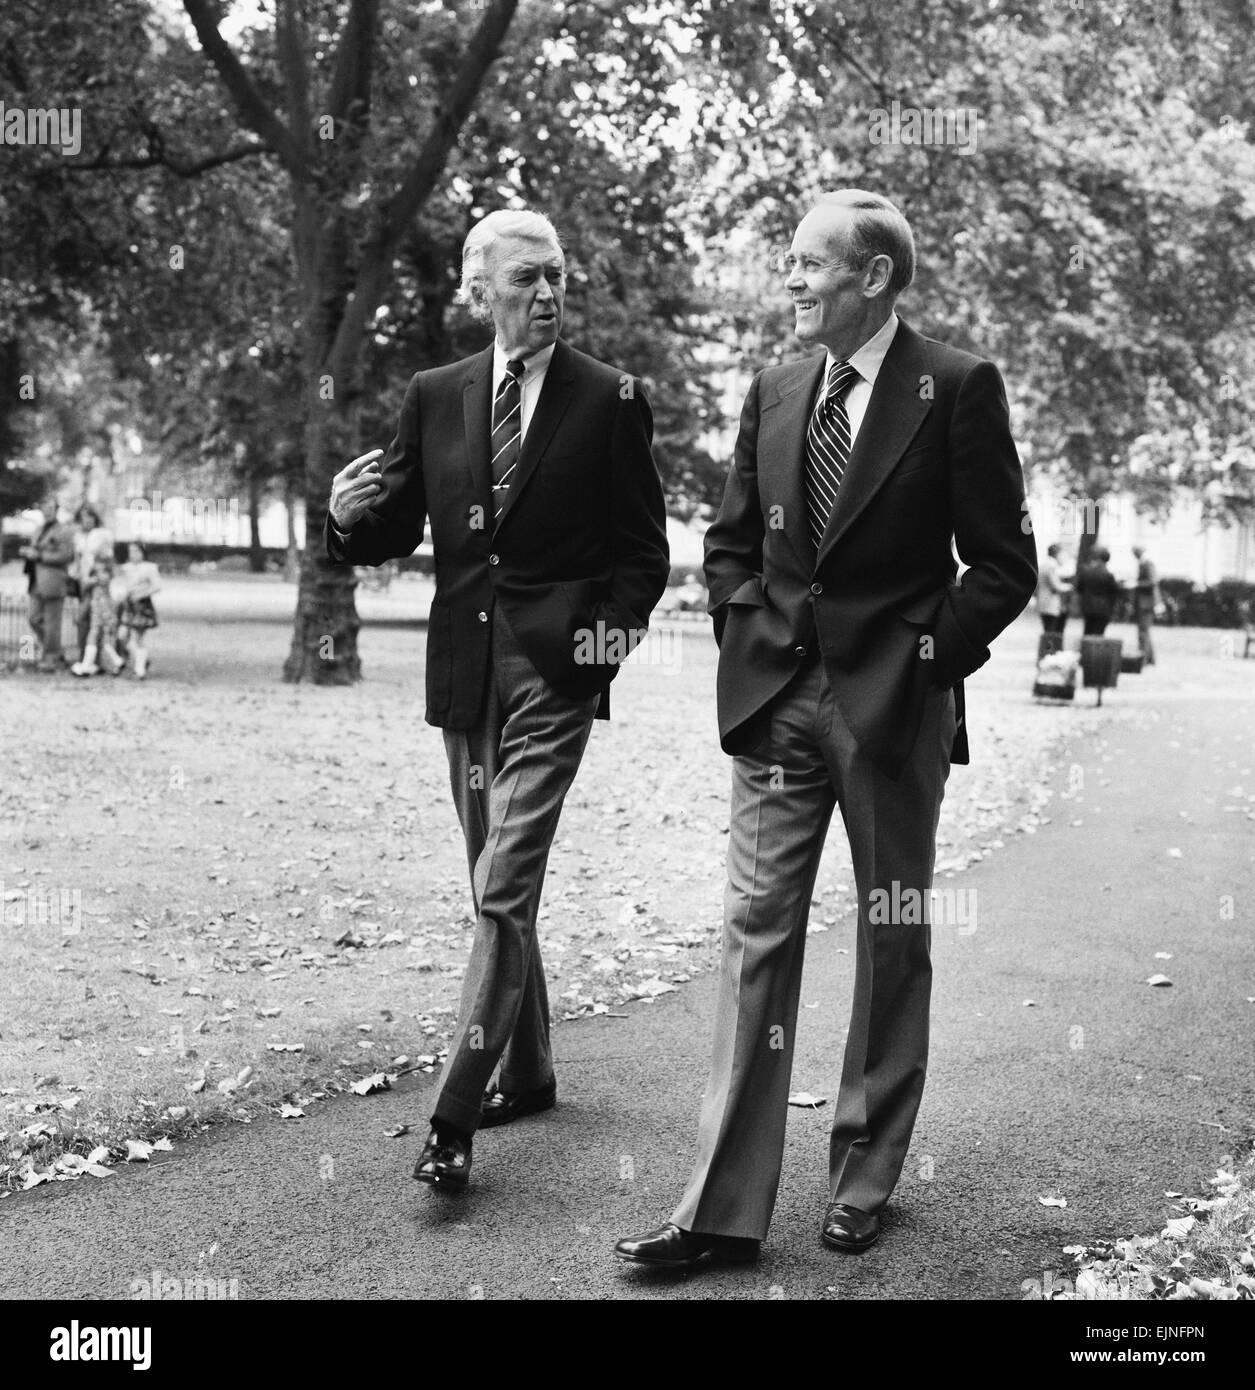 Hollywood-Stars Henry Fonda und James Stewart Fuß über den Grosvenor Square in London. Sie sind beide Stockbild